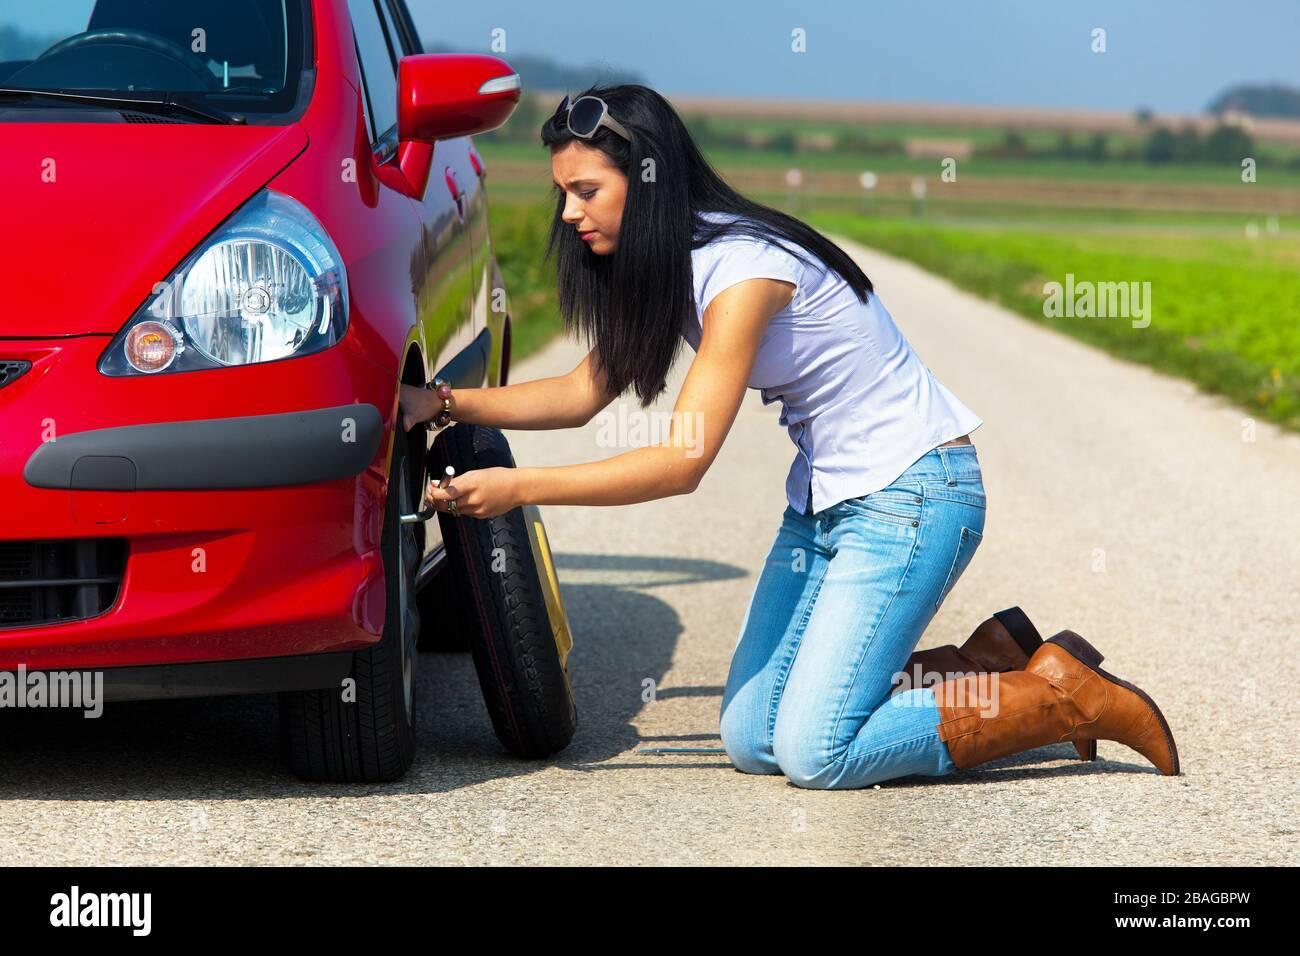 Junge Frau hat eine Autopanne und wechselt einen Reifen, Reifenwechsel, MR: Yes Stock Photo